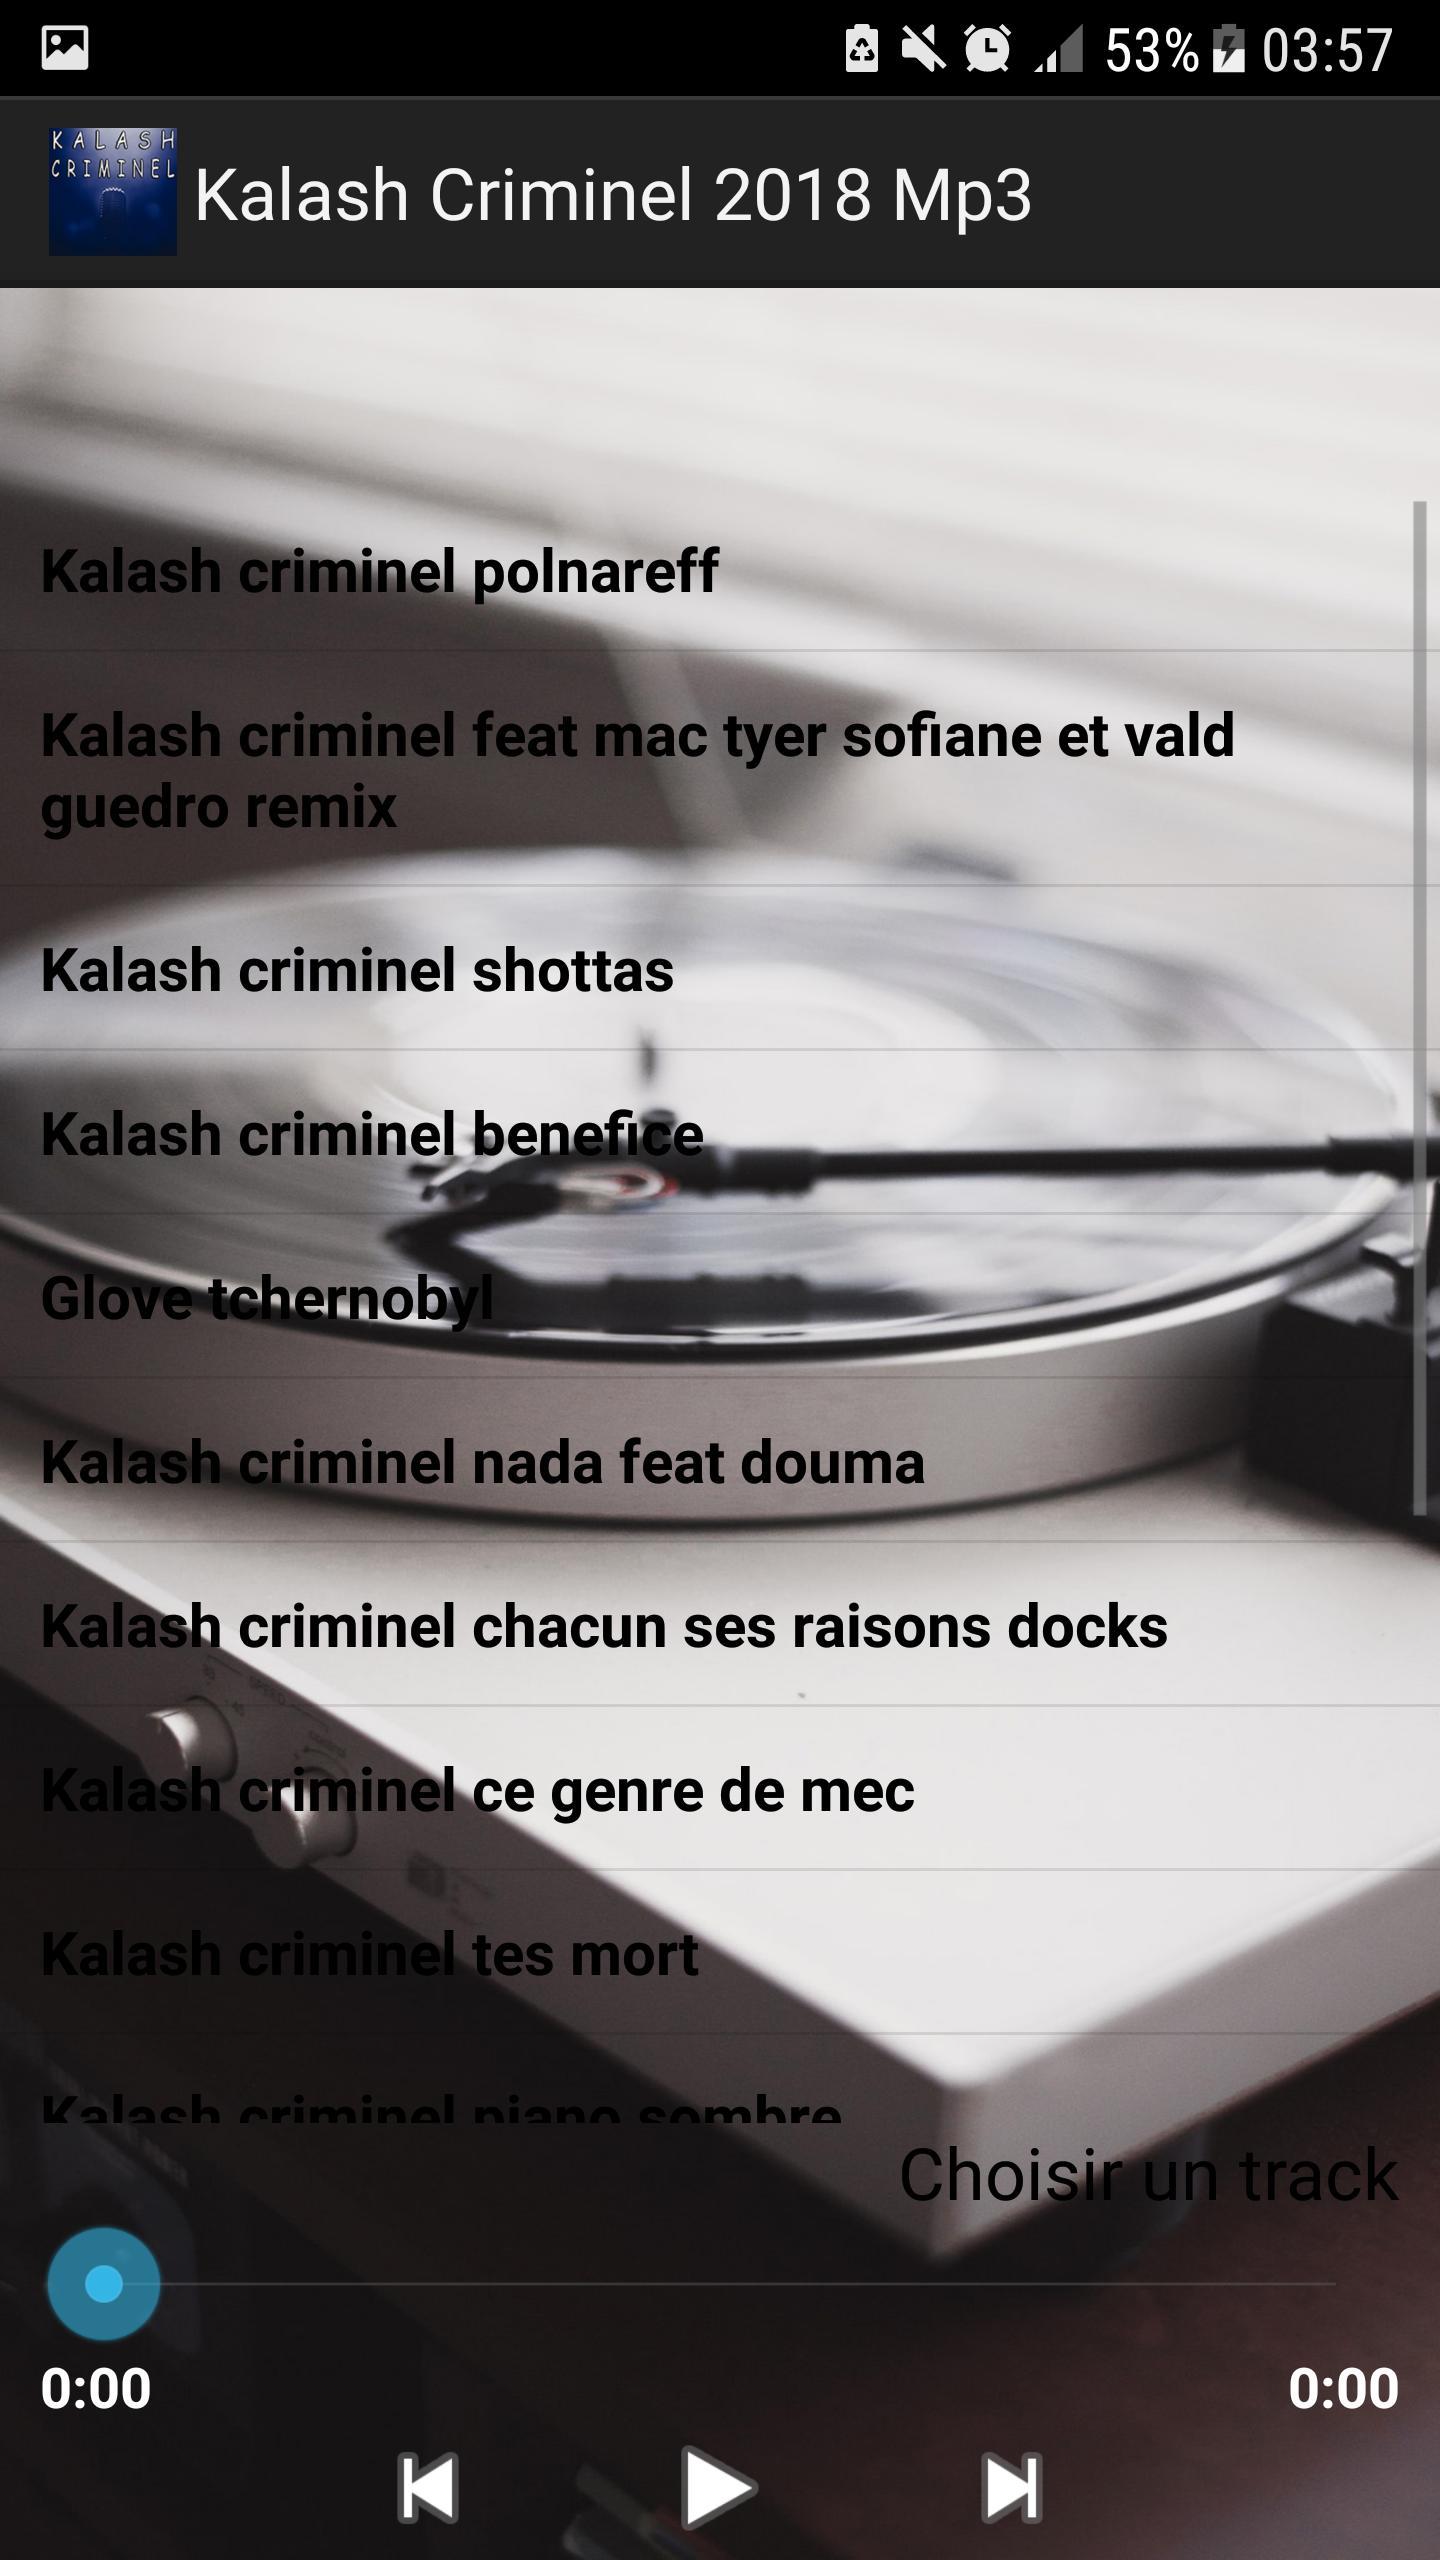 TÉLÉCHARGER KALASH CRIMINEL BÉNÉFICE